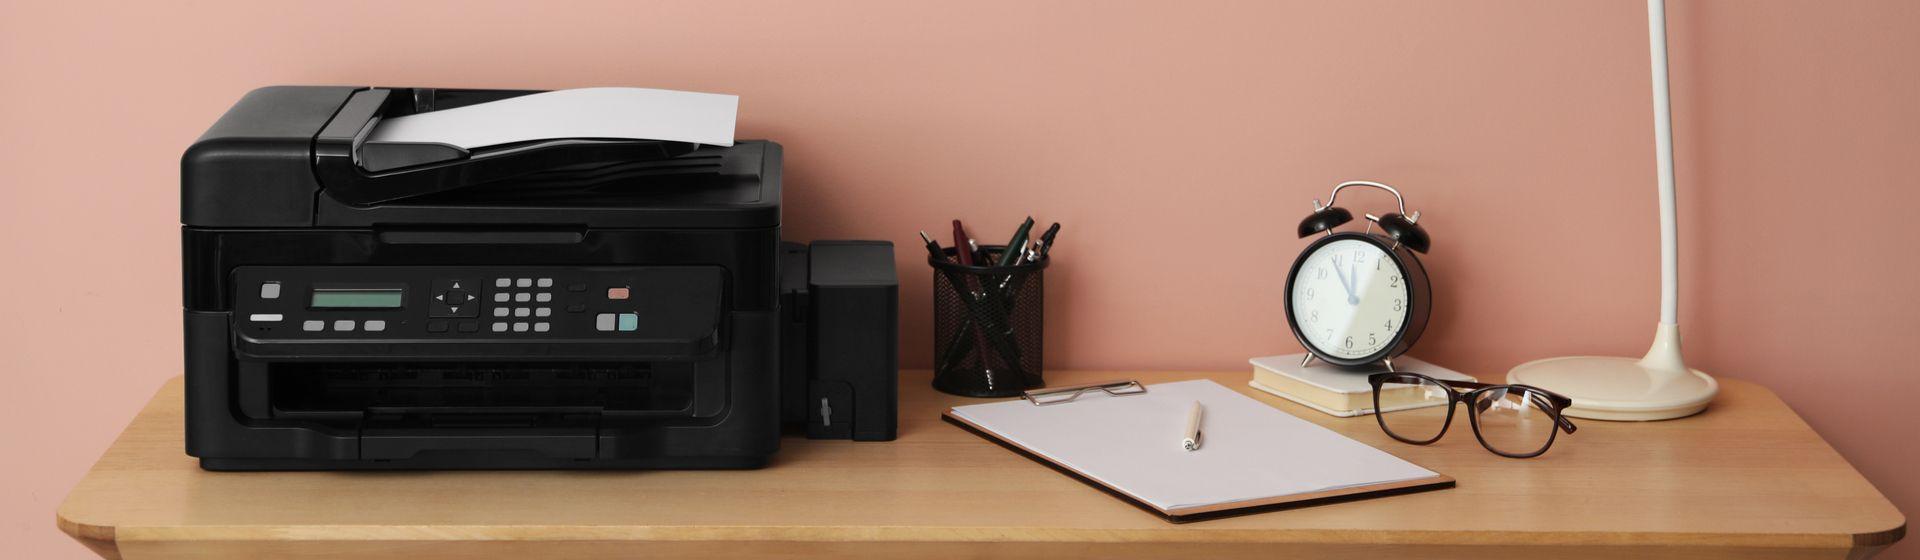 Melhor impressora jato de tinta em 2021